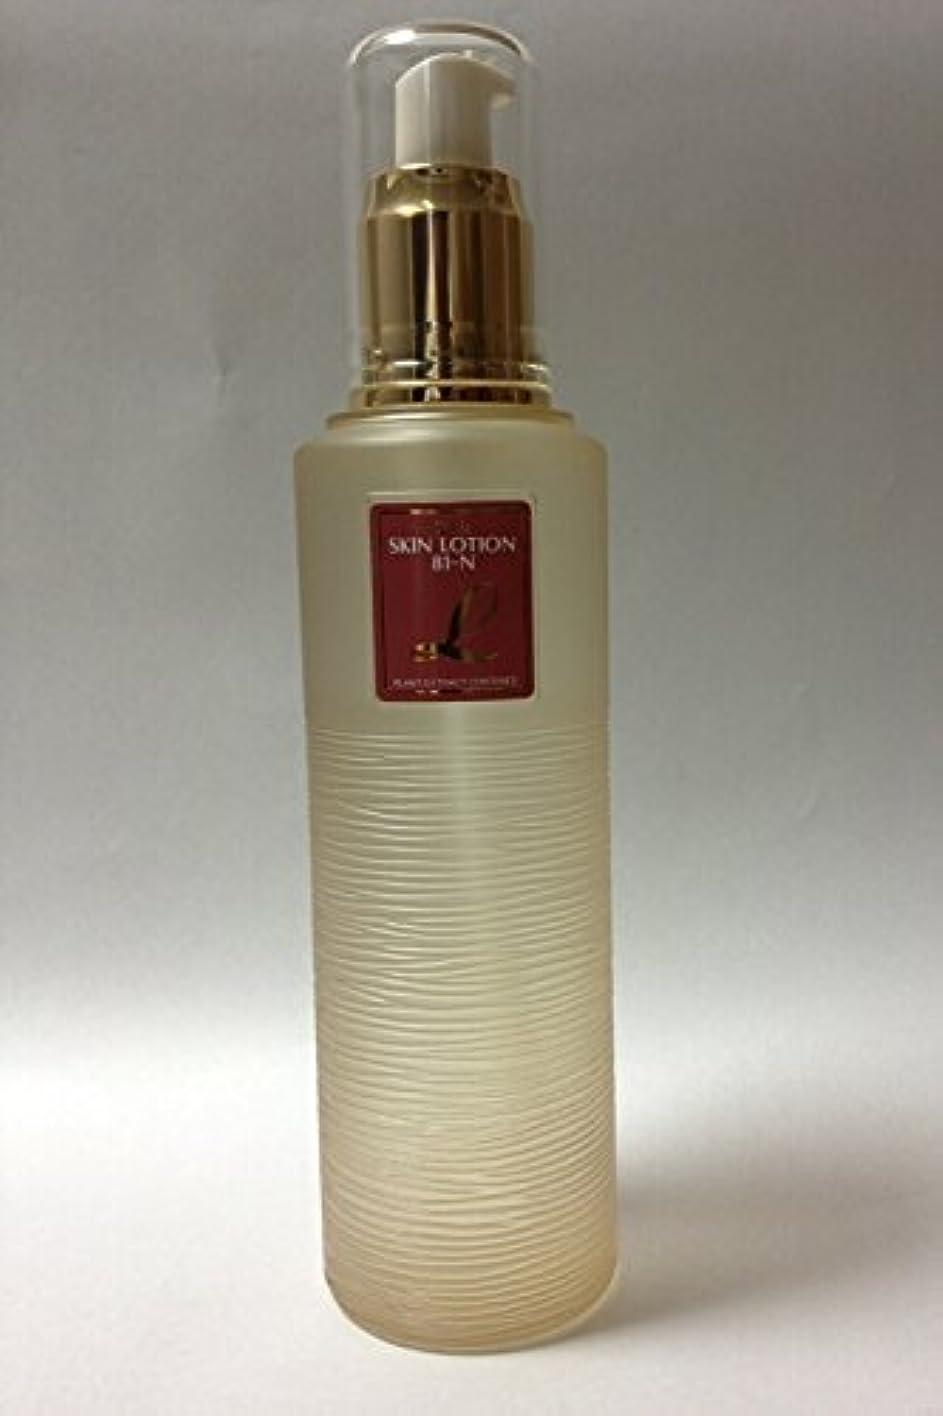 ホステス意味するバイオリニストレラ スキンローション81-N (化粧水 弱酸性 保湿)乾燥肌~普通肌用